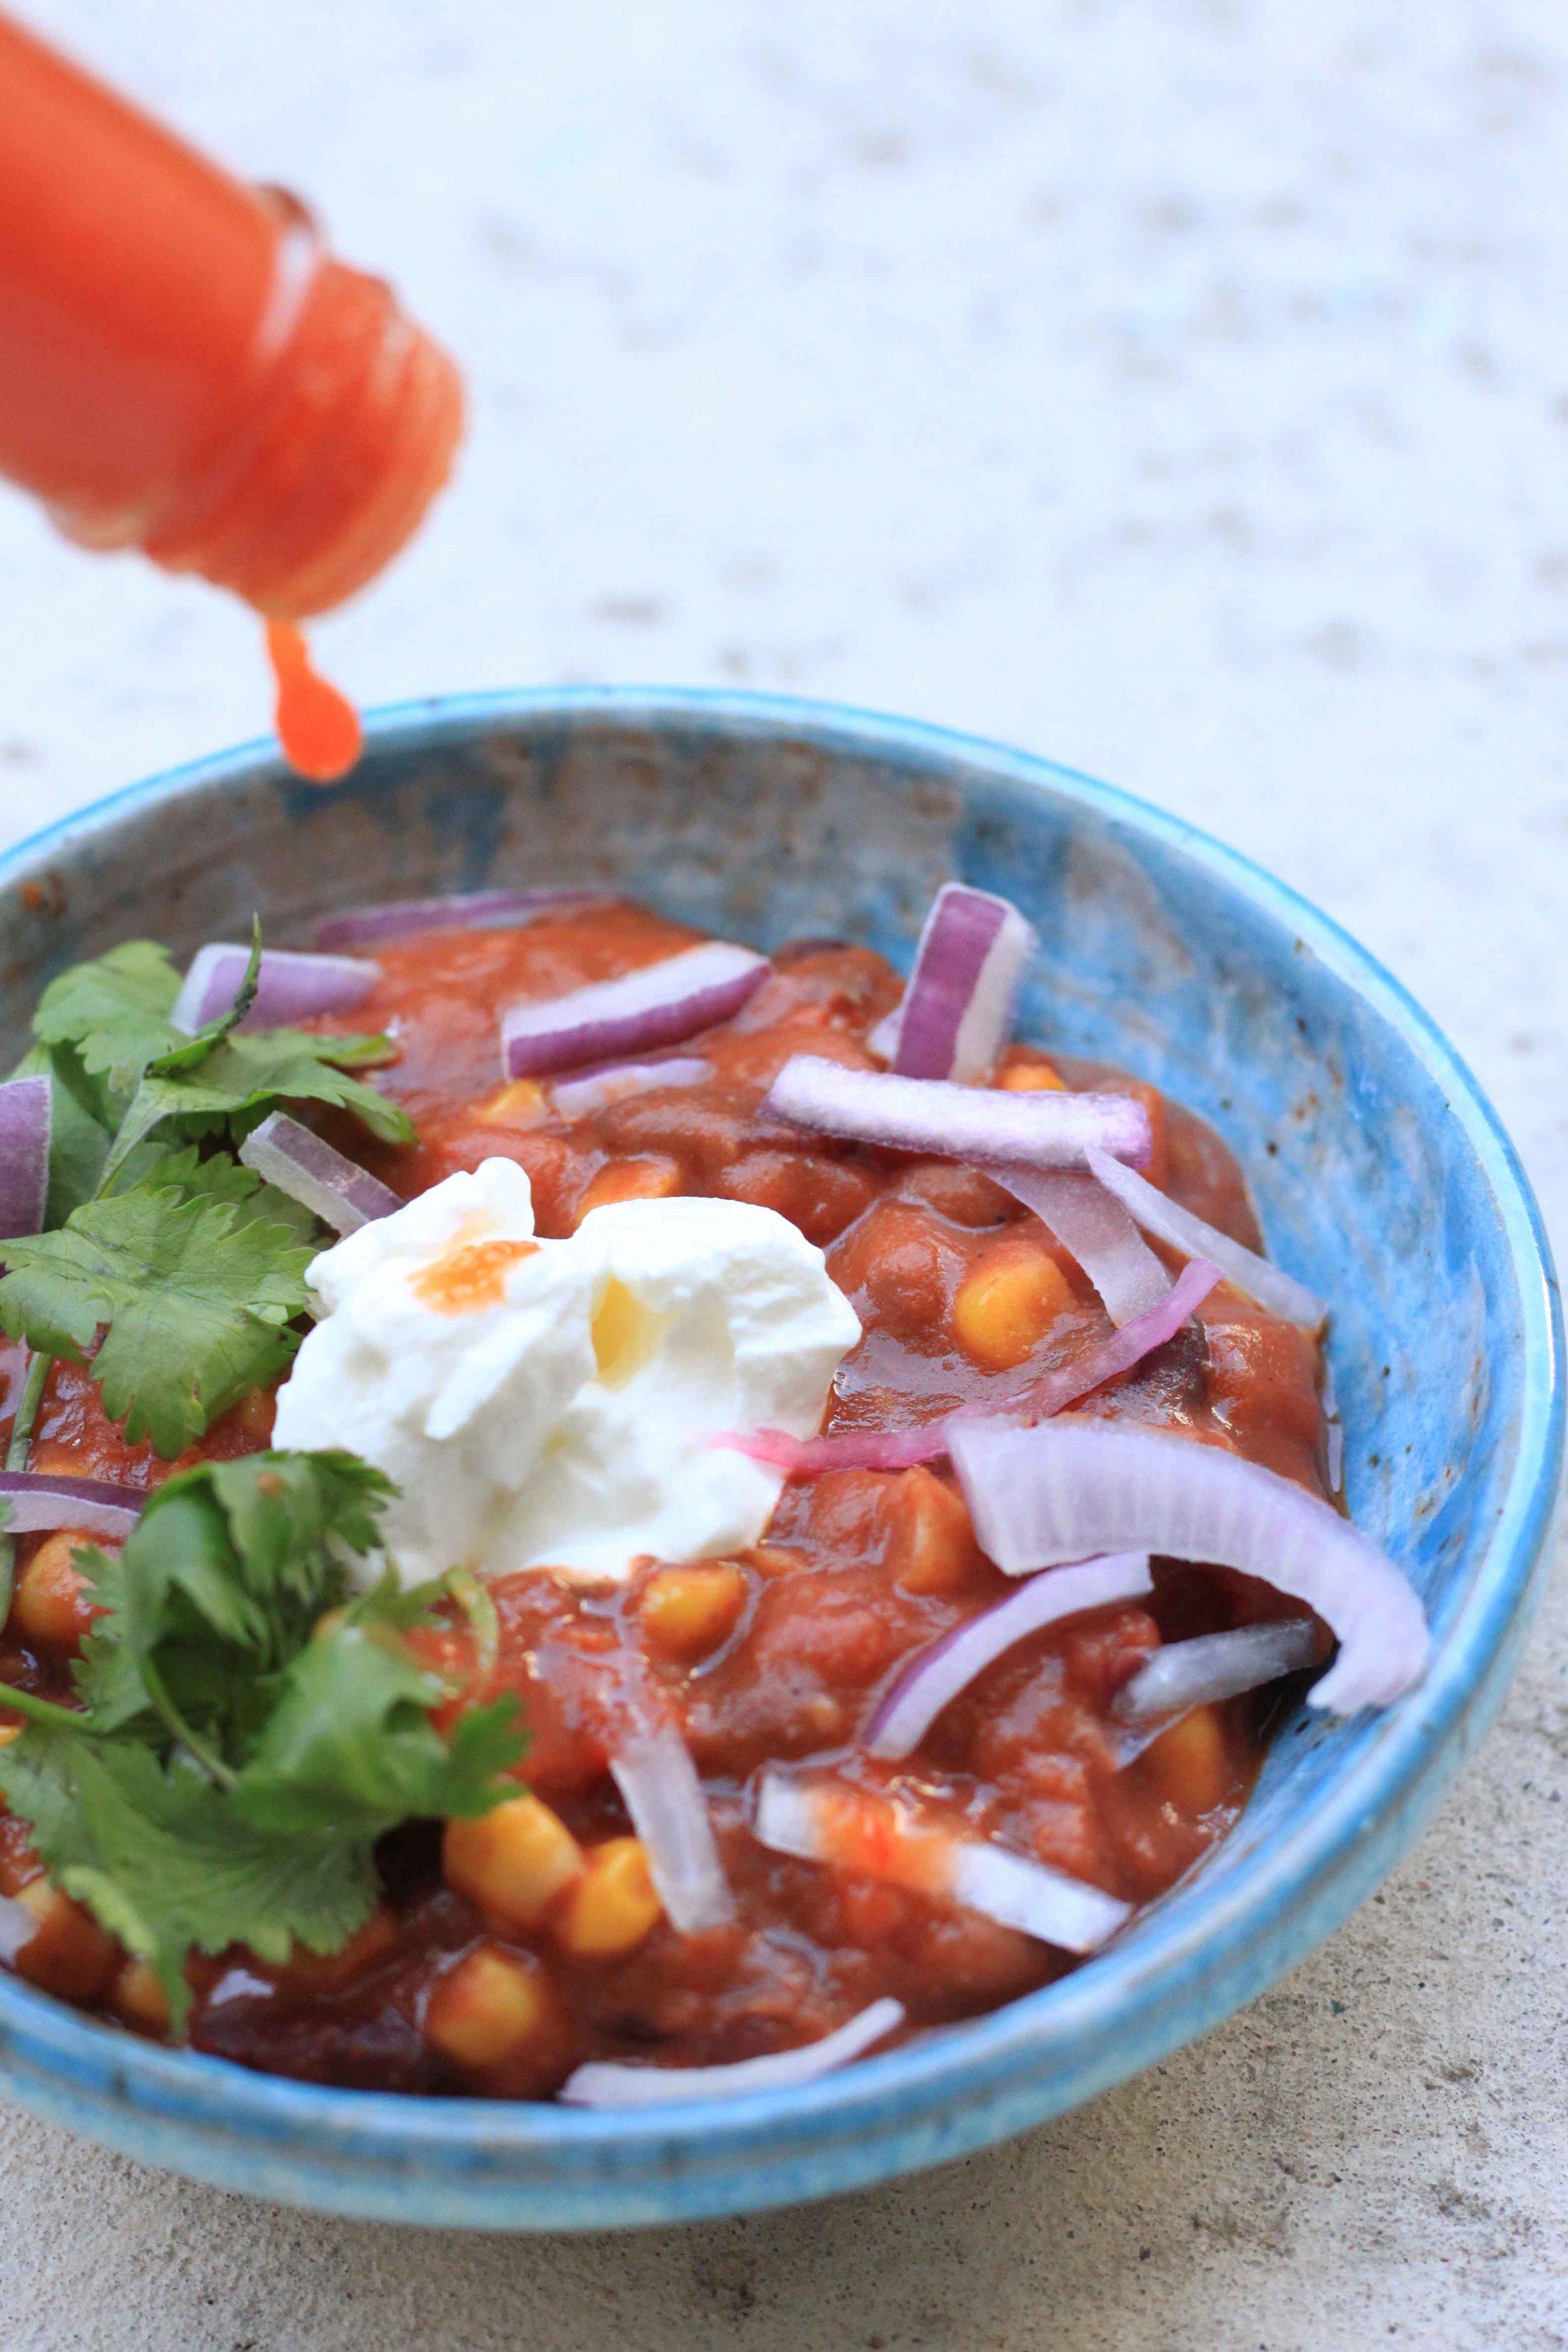 vegetarian vegan gluten free paleo raw chili recipe instapot slowcooker 10 minute dinners lunch charisma shah marie sharp